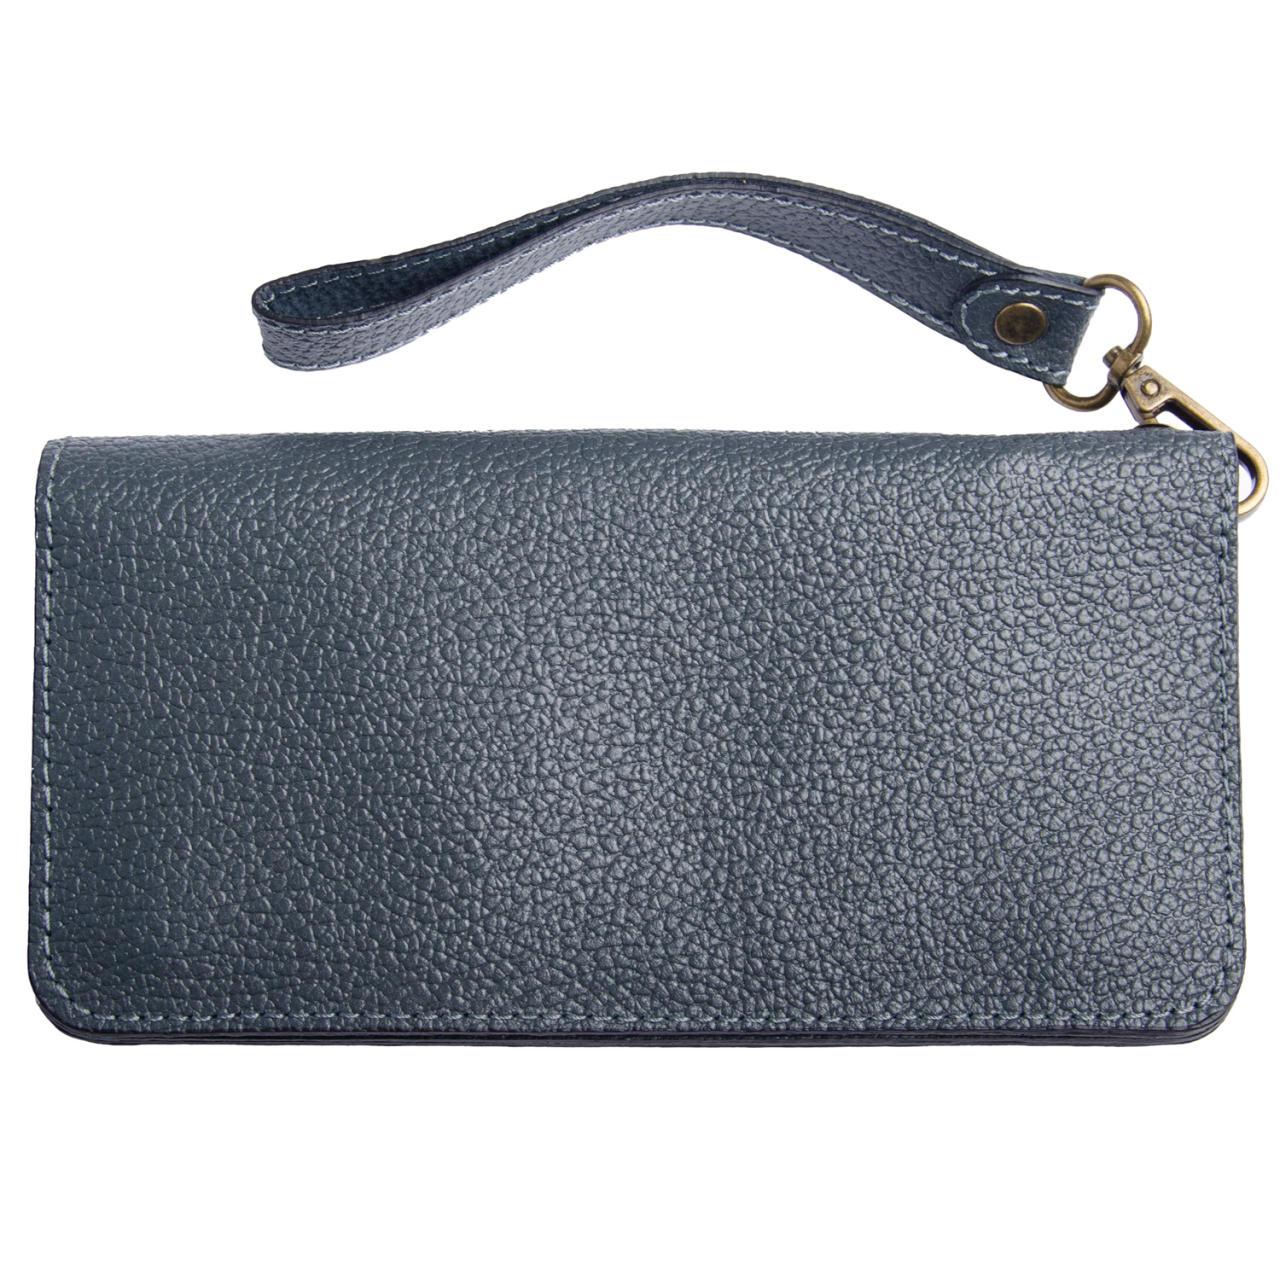 کیف دستی چرما اسپرت کد HBK-SH201